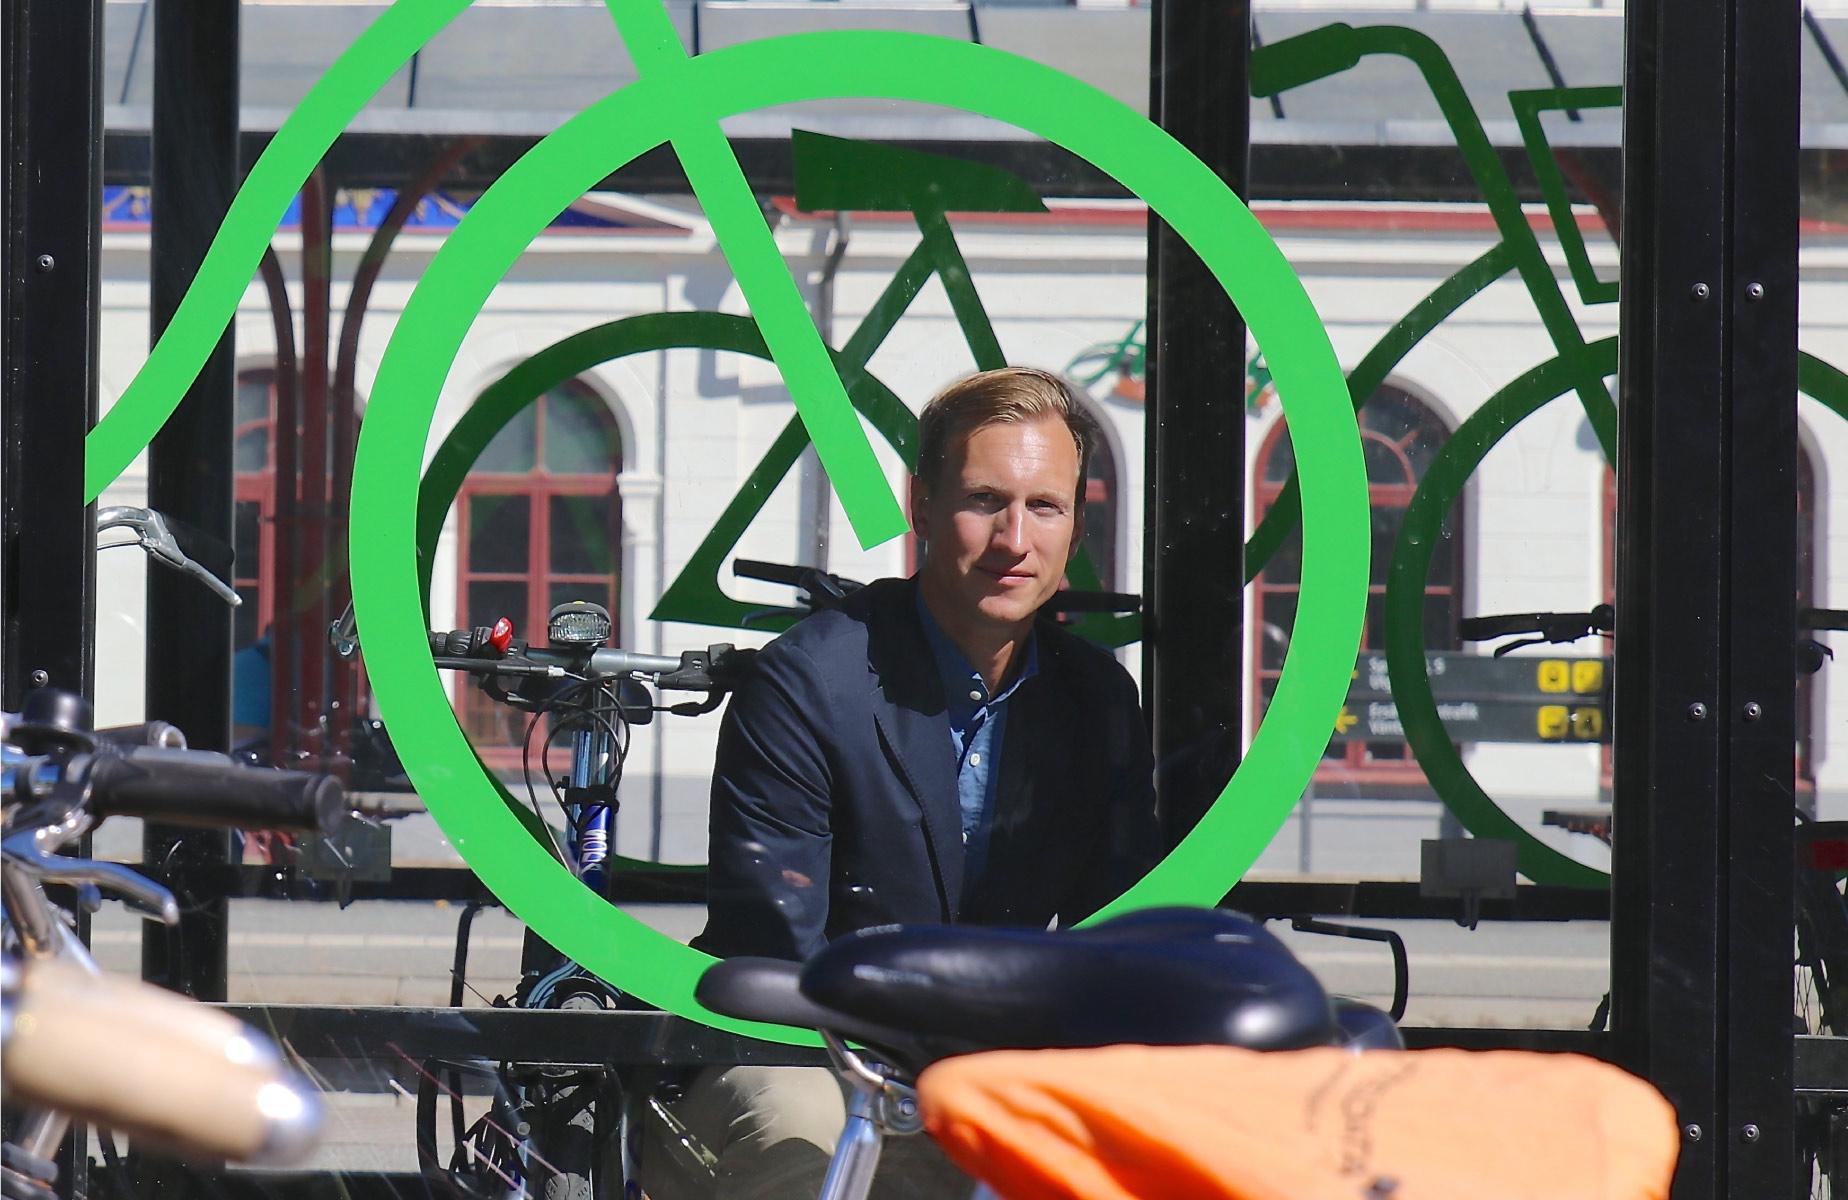 Cyklos VD Johan Persson blir fotograferad genom glaset på FLOW Cykelgarage i Katrineholm inför intervju i Dagens Industri.